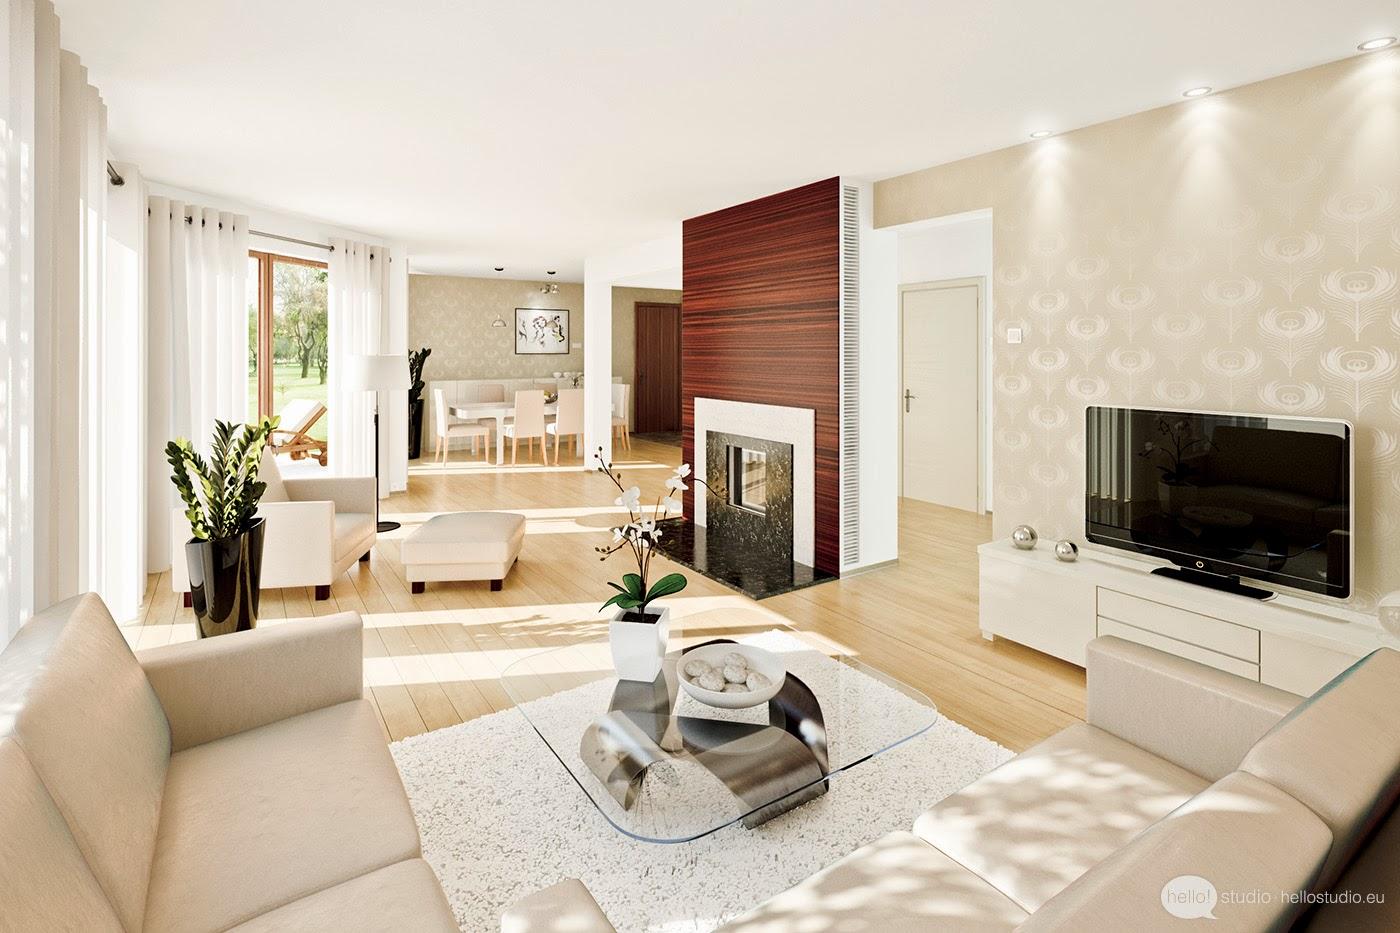 Anda bingung membuat desain rumah minimalis modern tentang interior design karena pemilihan bahan yang rumit. & Inspirasi Seputar Rumah: Desain Interior Rumah Minimalis Modern